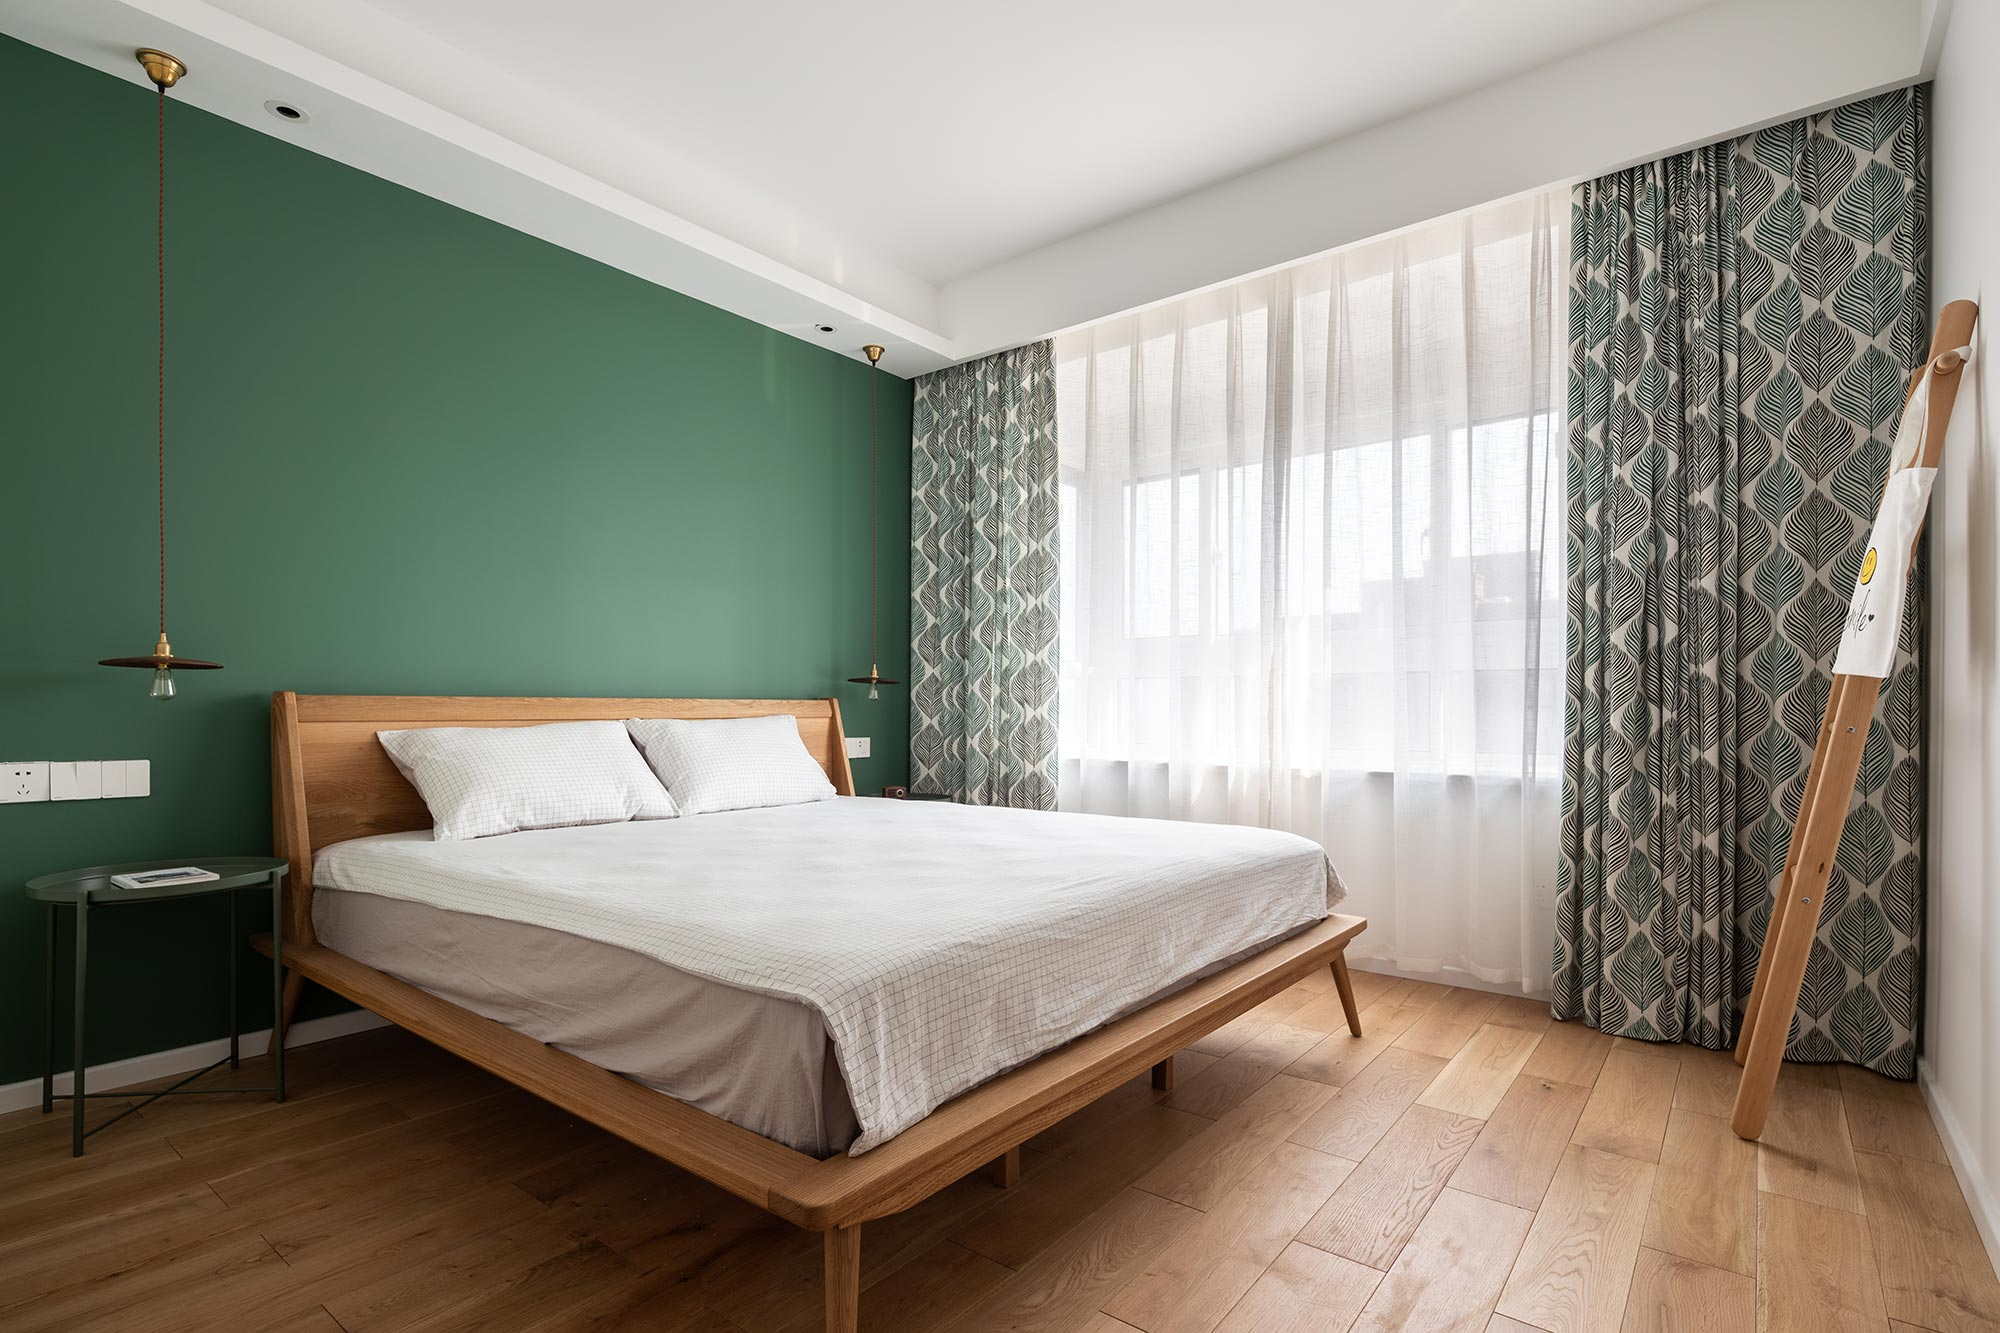 北欧 卧室图片来自大墅尚品-由伟壮设计在140㎡铂克花园『淡淡薄荷味』的分享